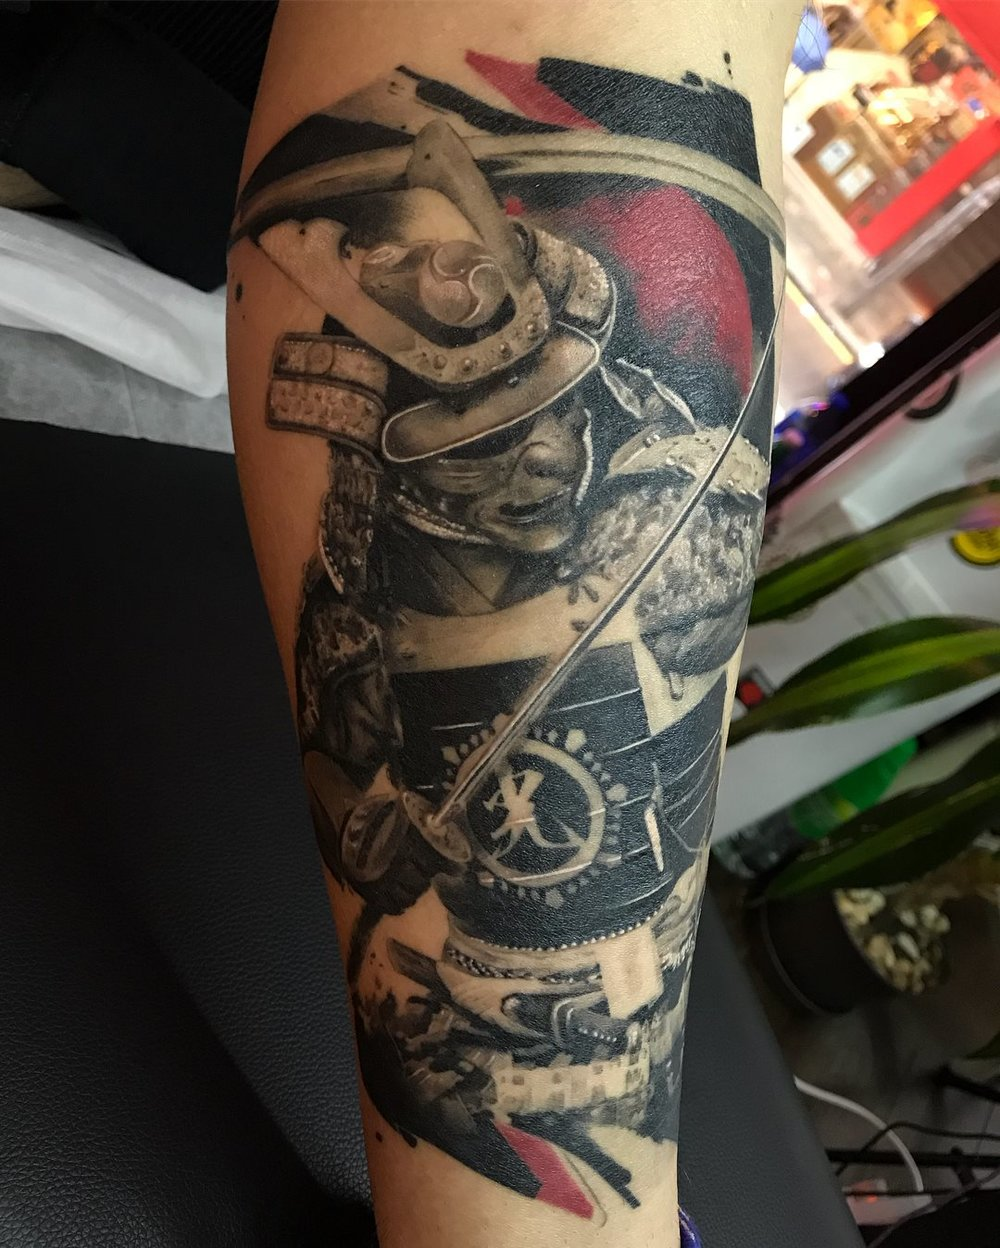 2018-fridays-tattoo-hong-kong-jamie-graphic-samurai-2.jpg